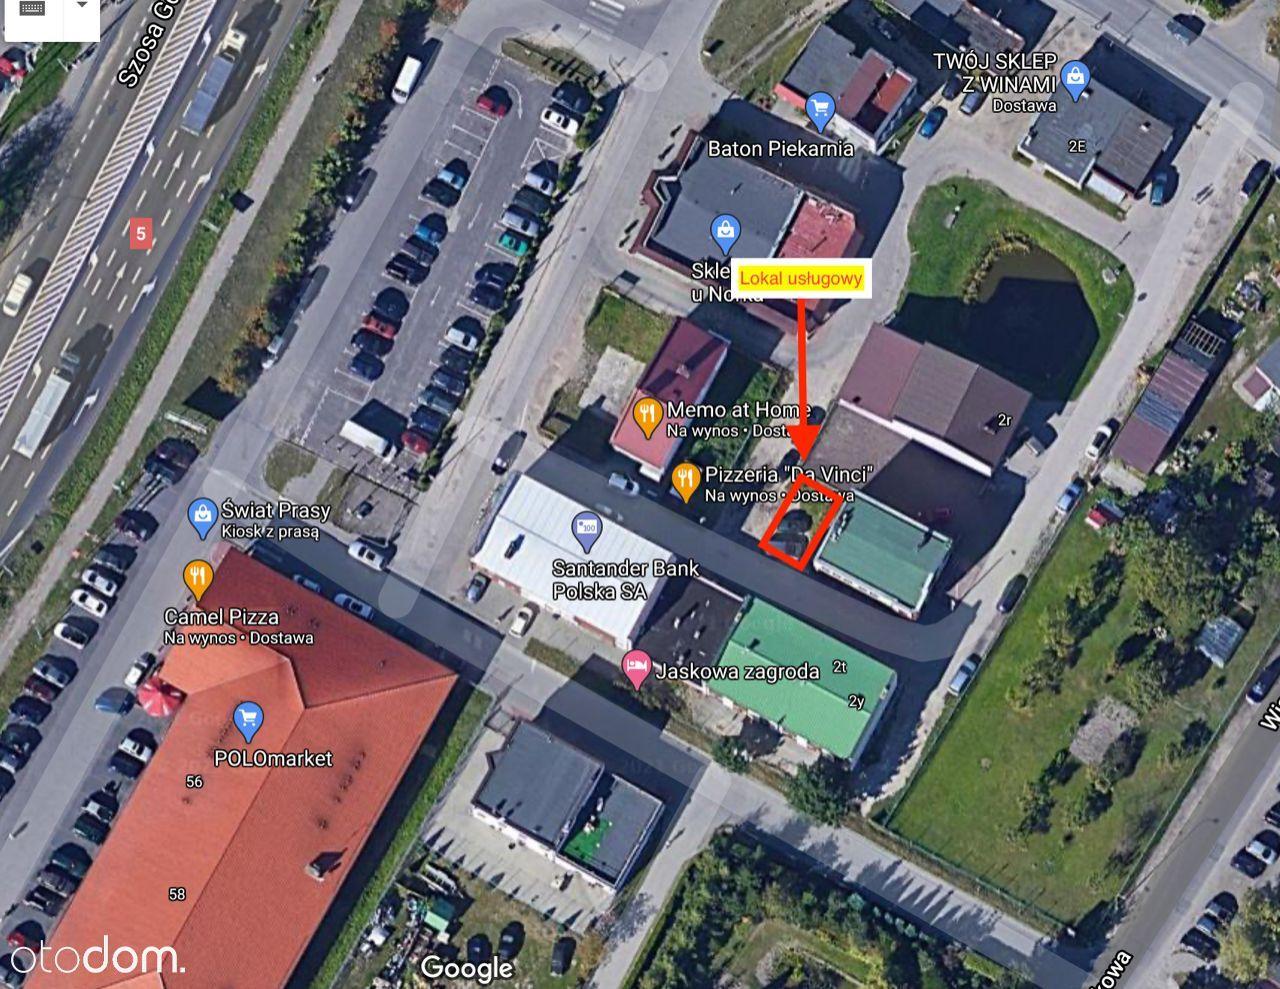 Sprzedam budynek handl.-usług. w centrum Osielska.